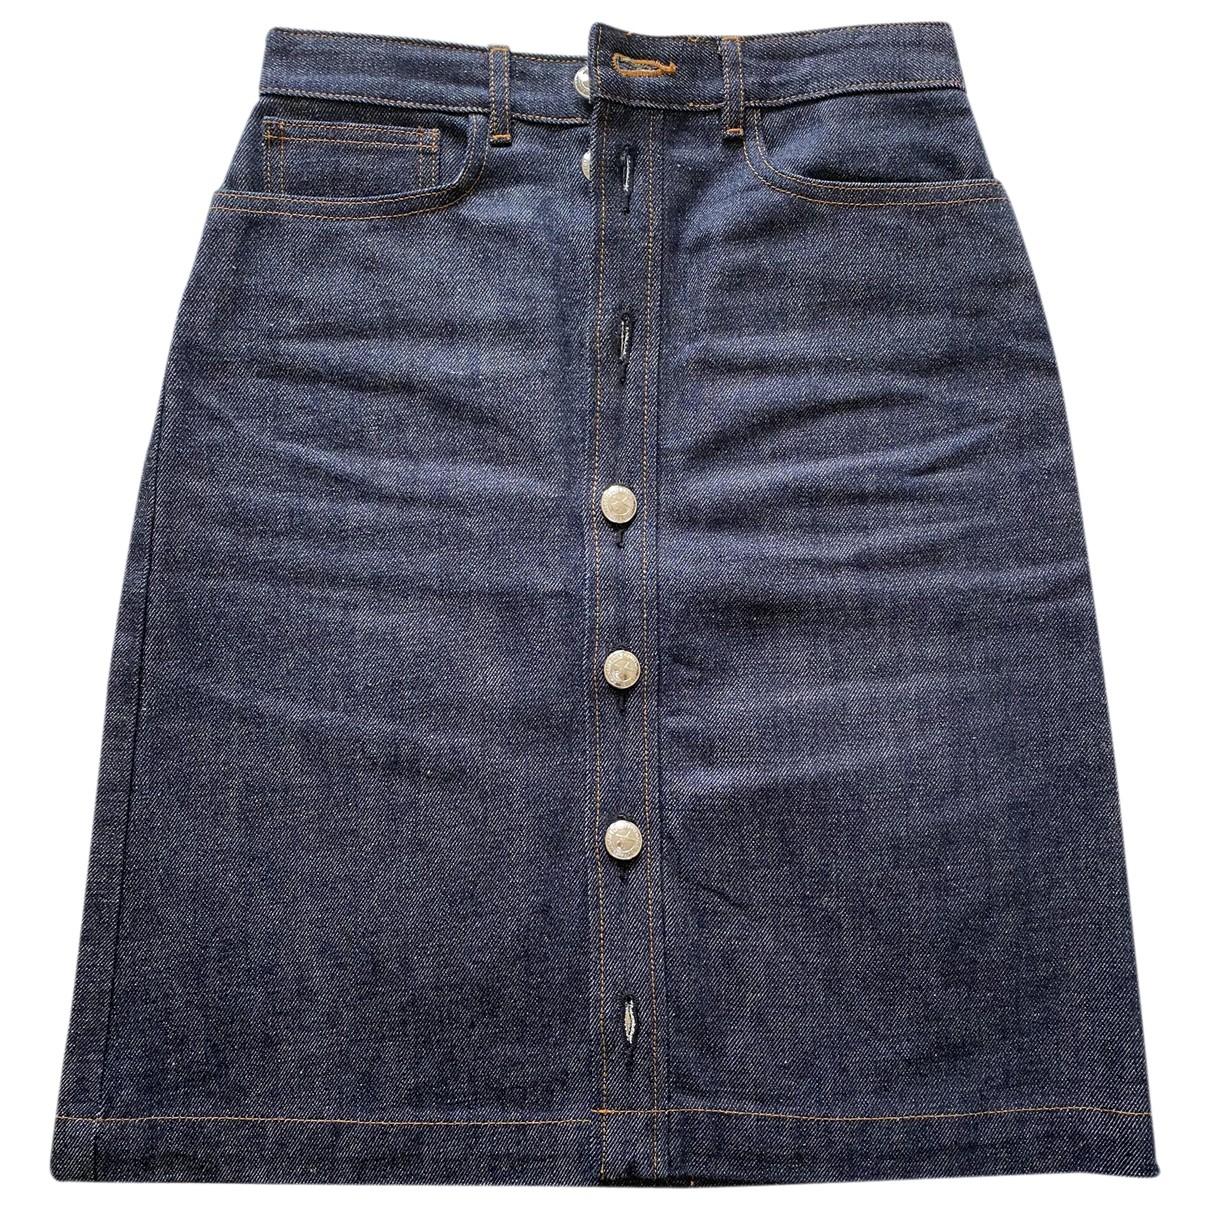 Apc \N Navy Cotton skirt for Women 34 FR